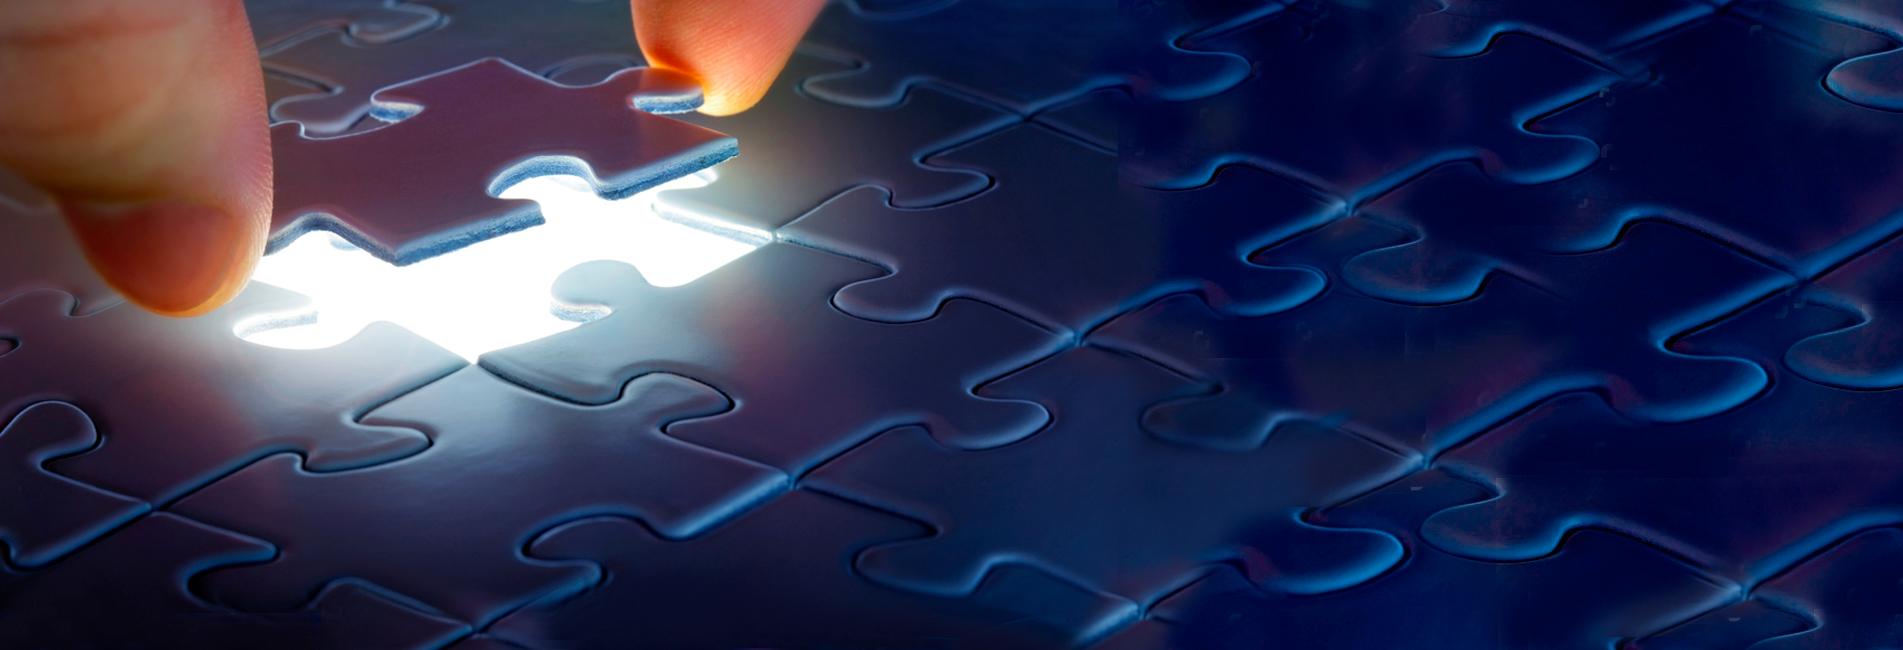 Das wichtigste Puzzlestück